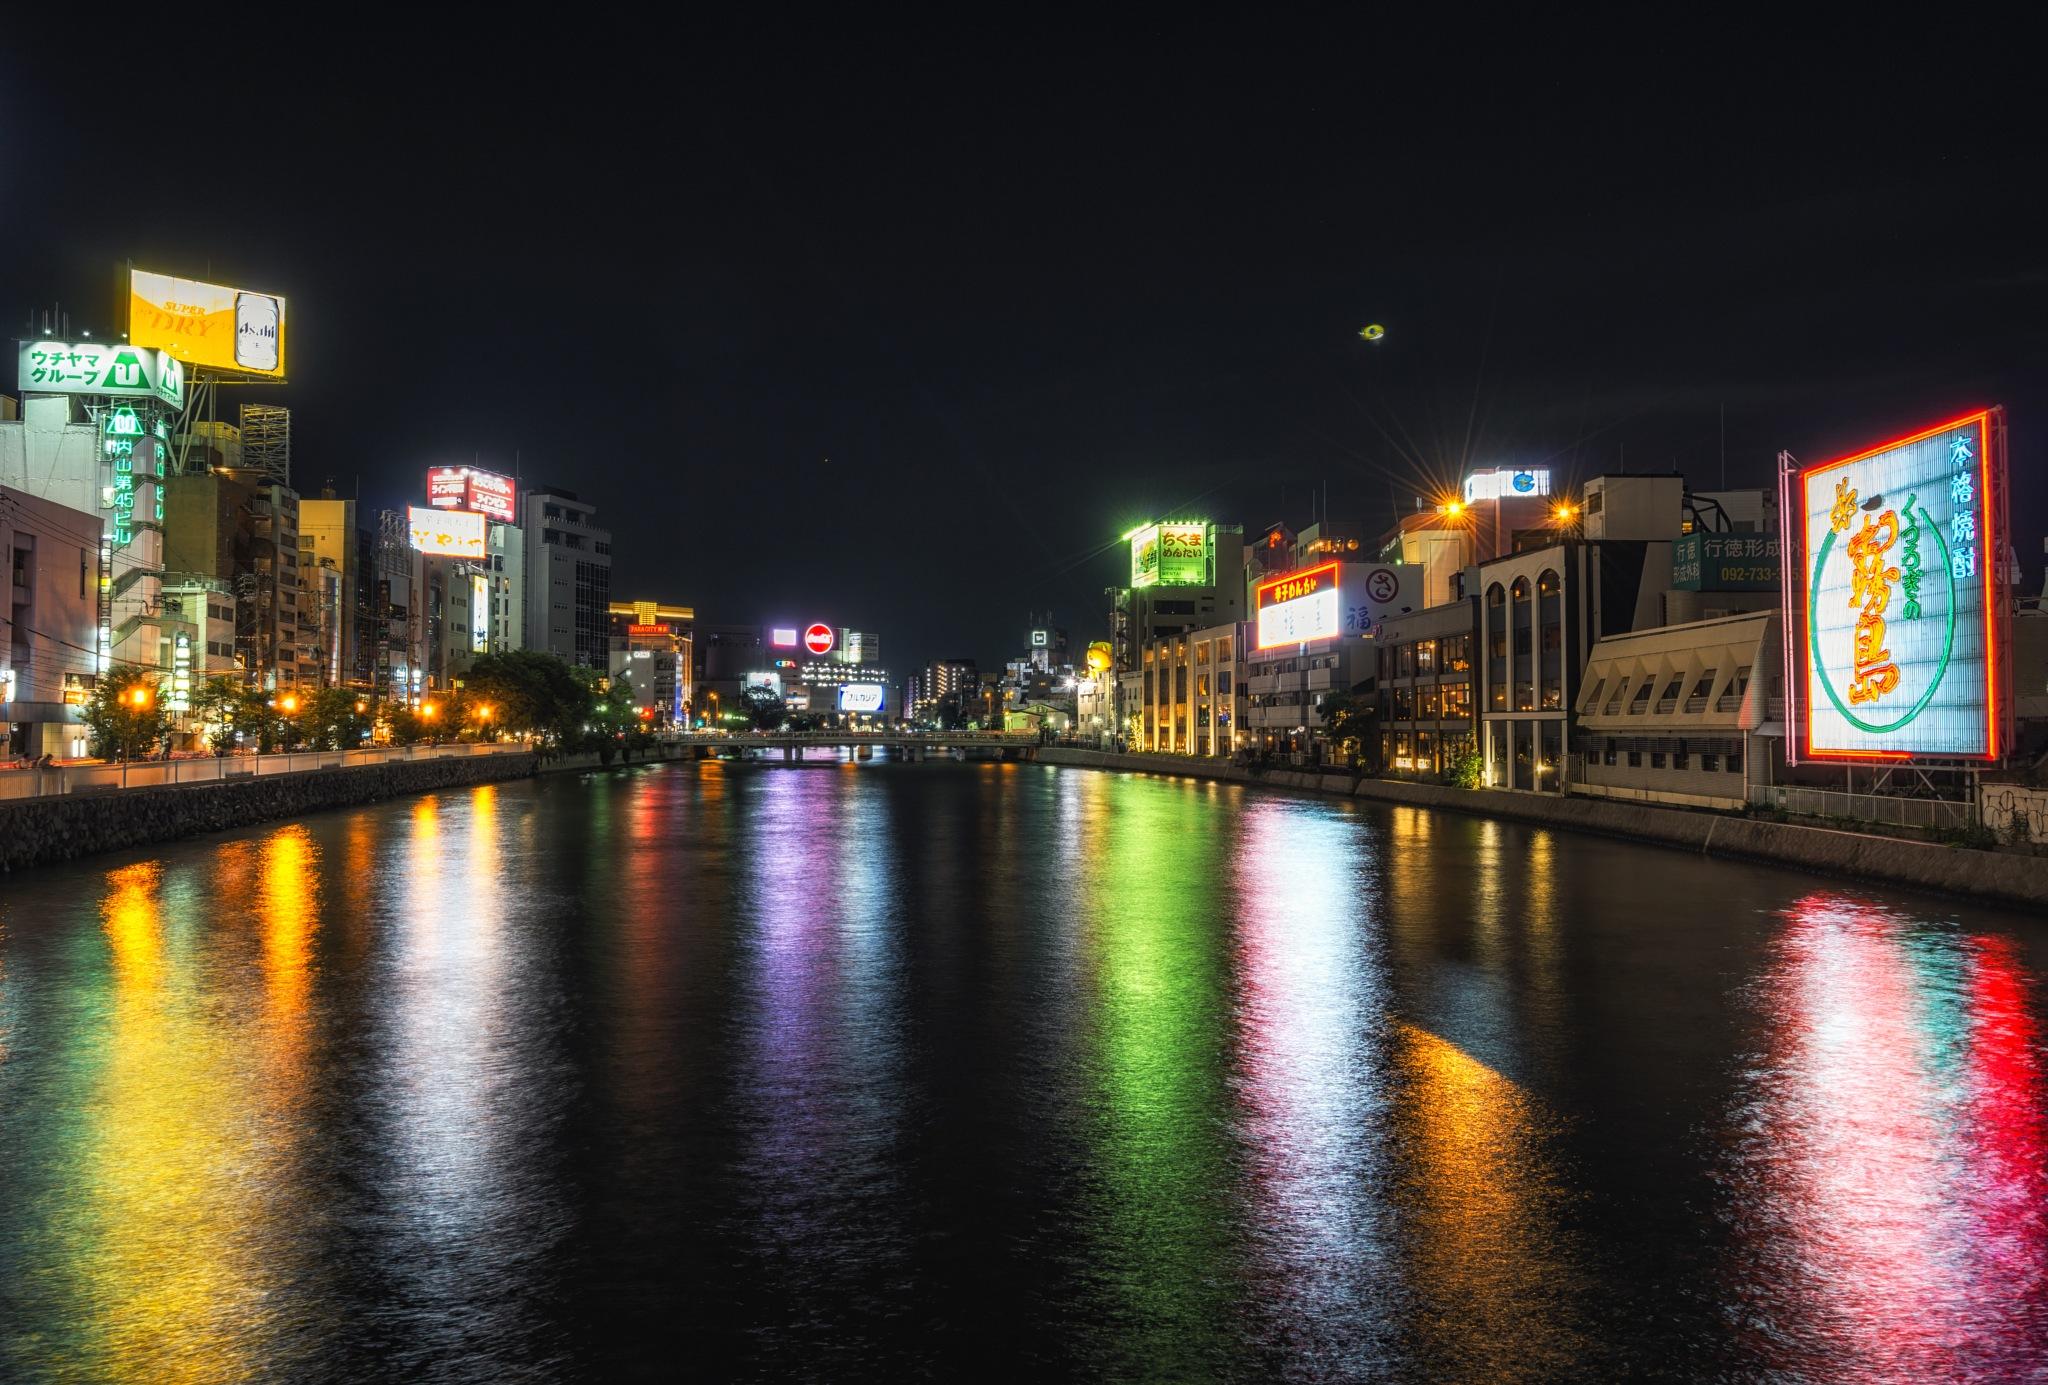 fukuoka naka river at night by Aaron Choi